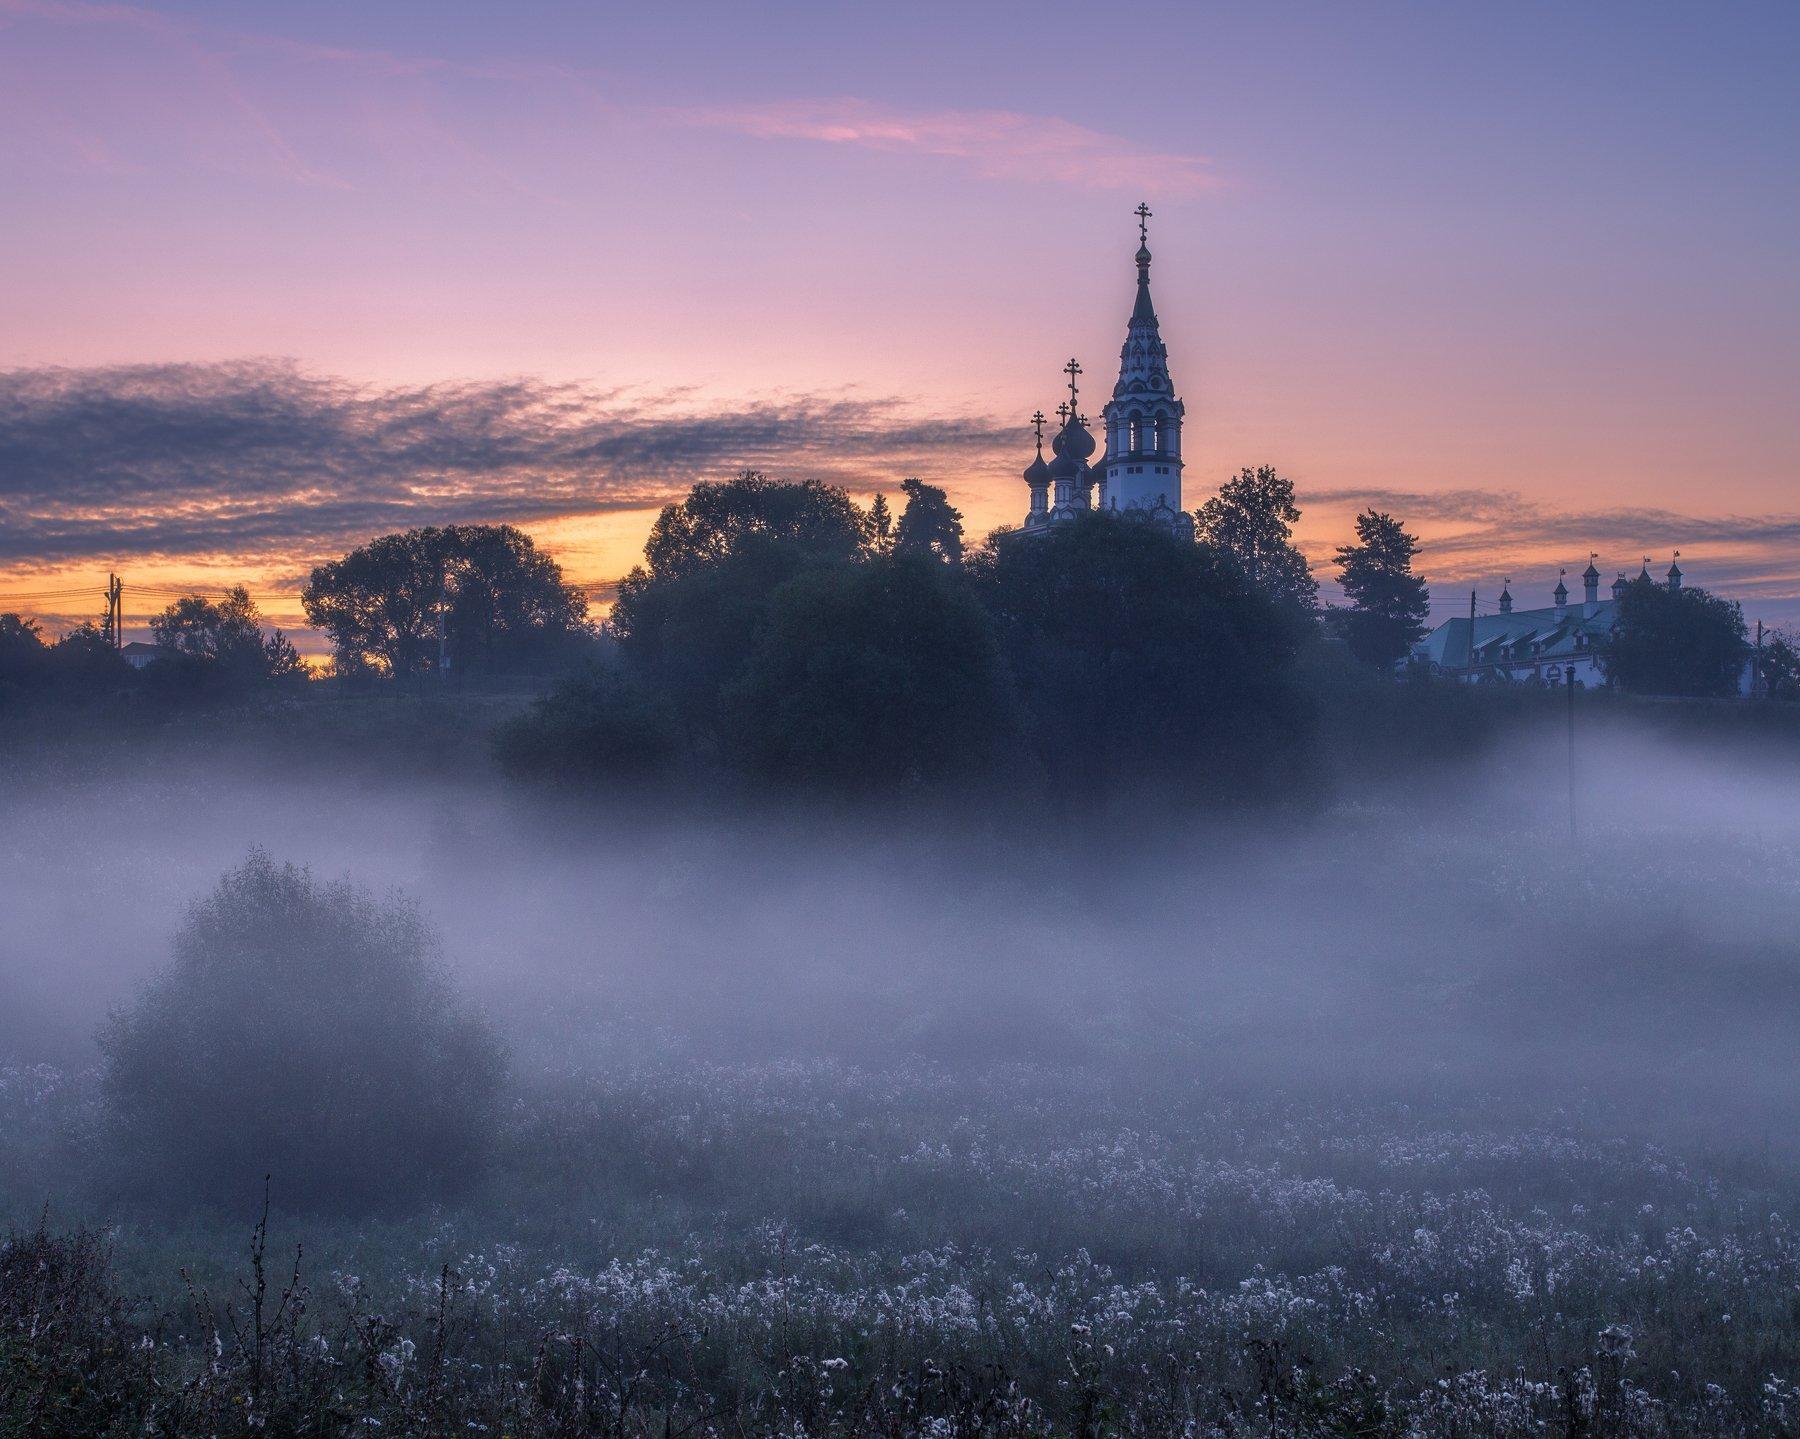 природа, пейзаж, рассвет, Валищево, Московская область, осень, Мартыненко Дмитрий